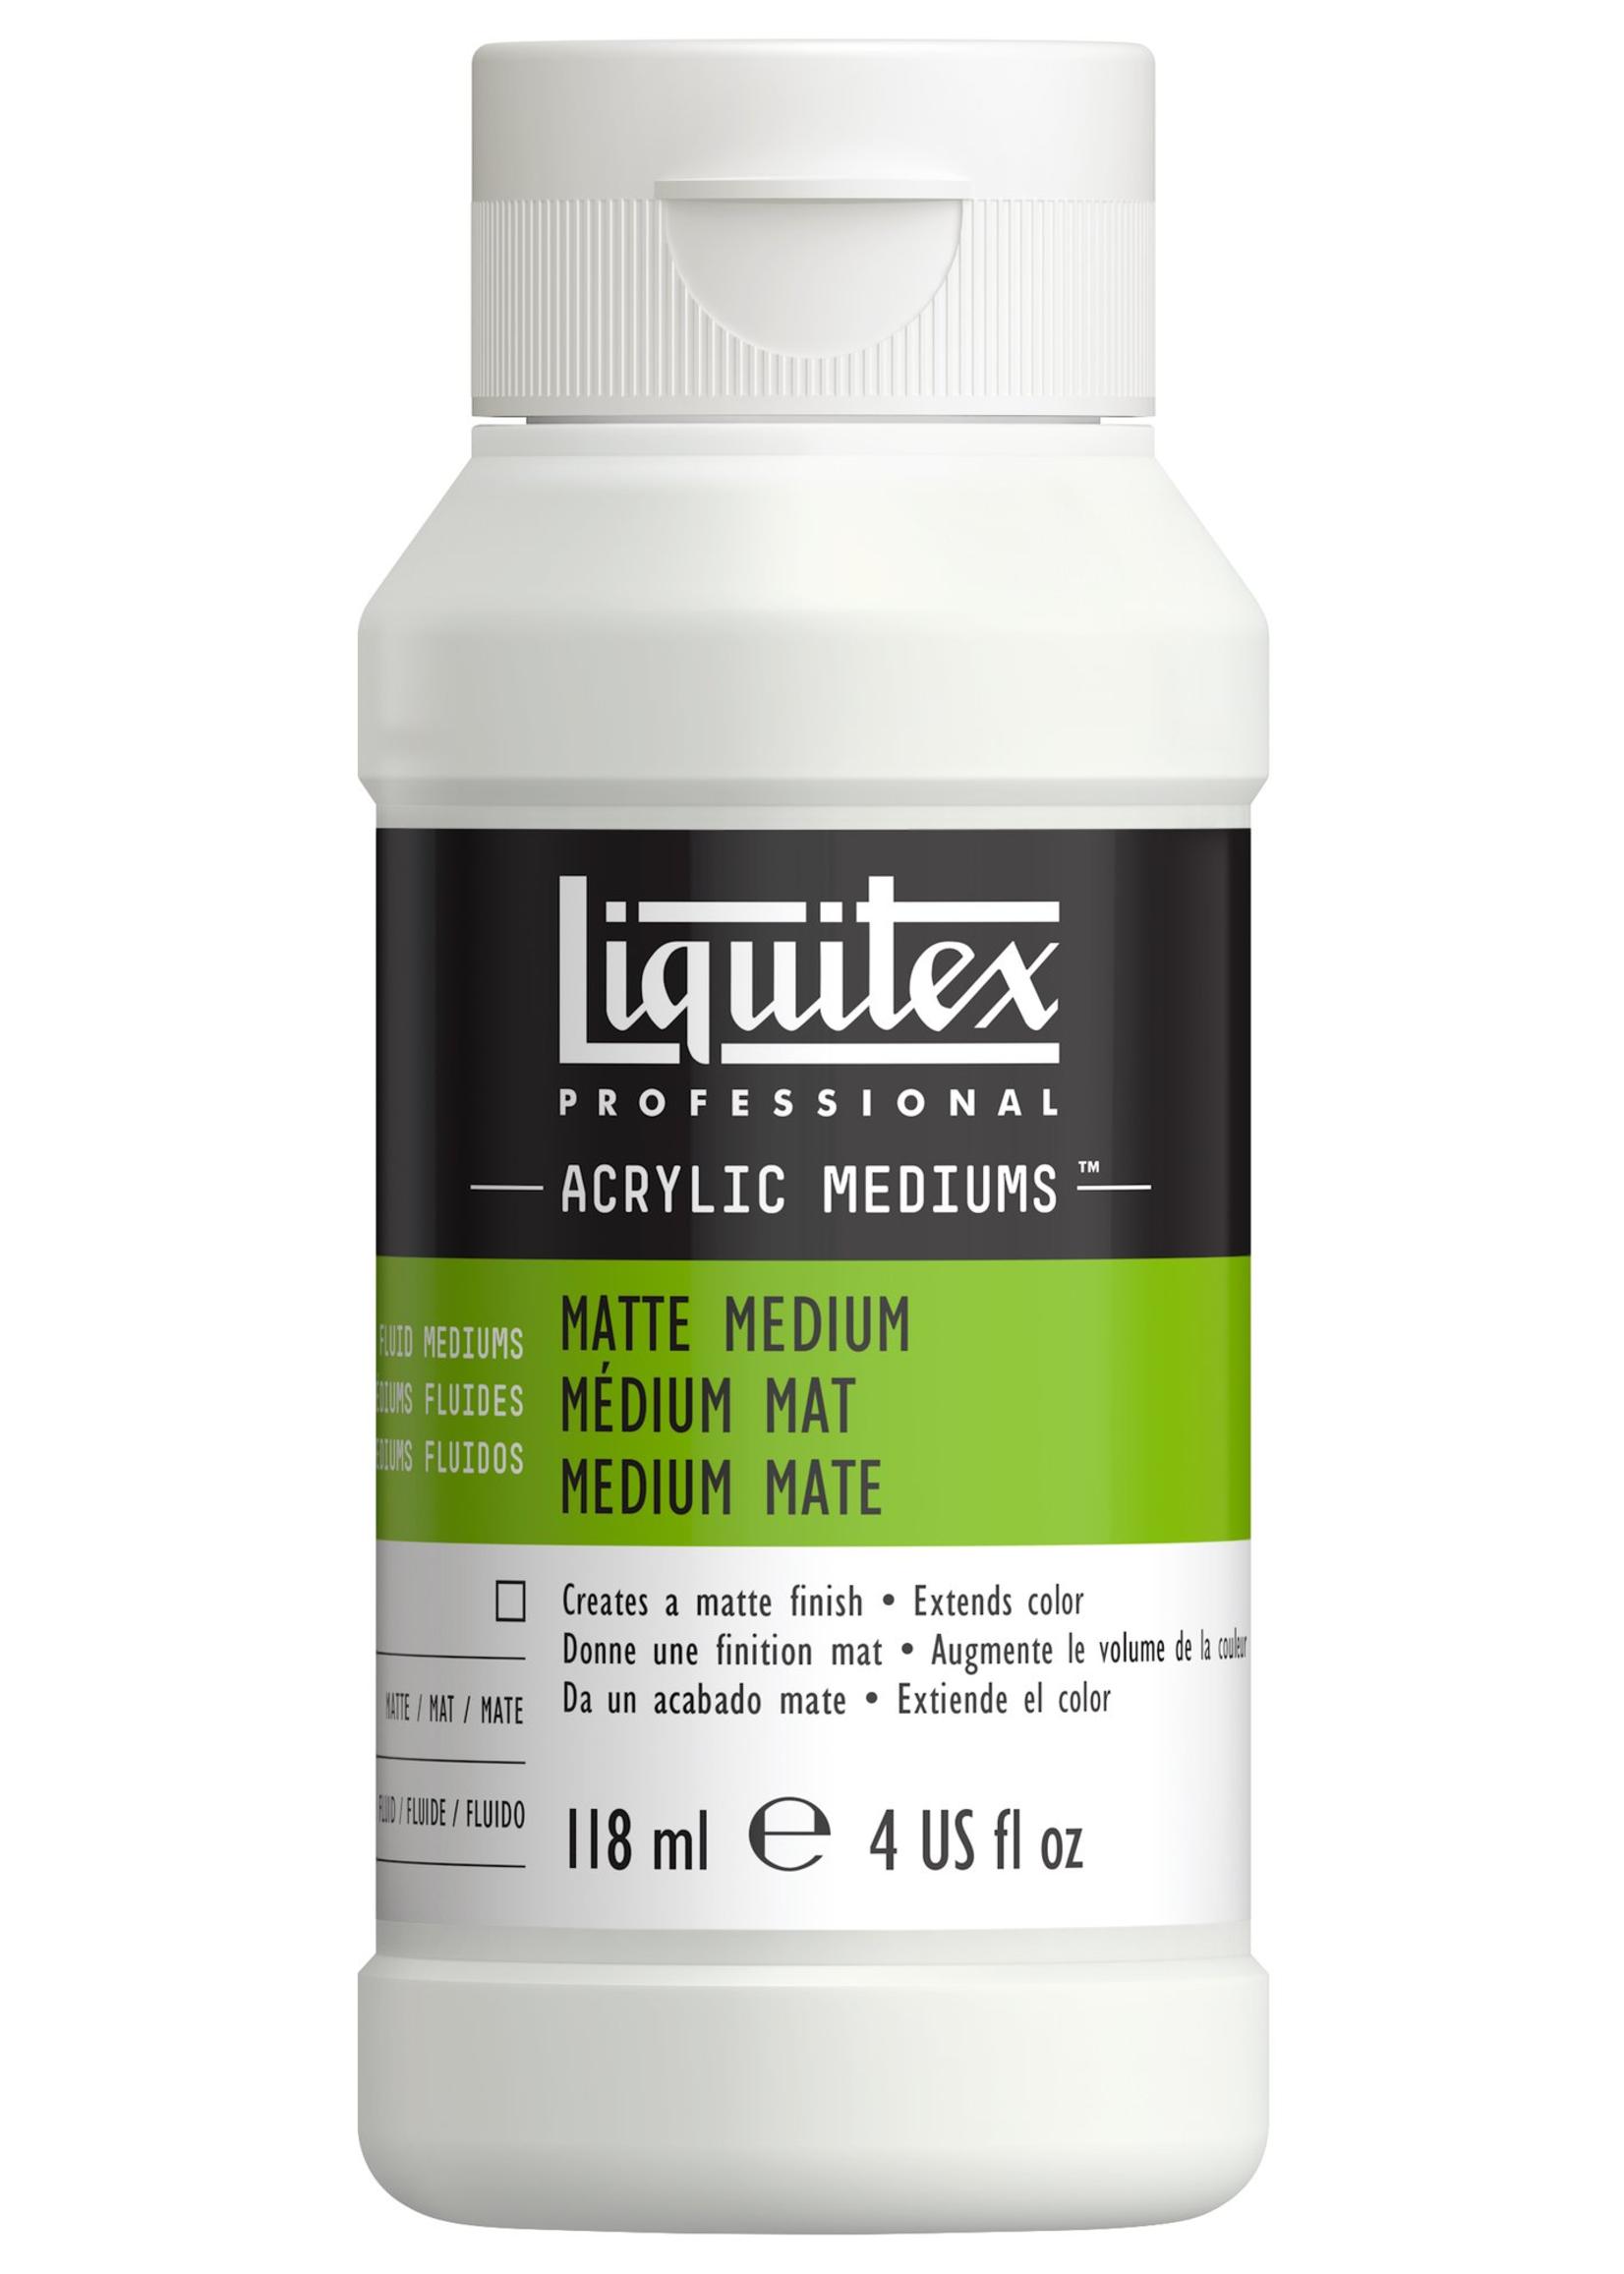 LIQUITEX / COLART LIQUITEX MEDIUM